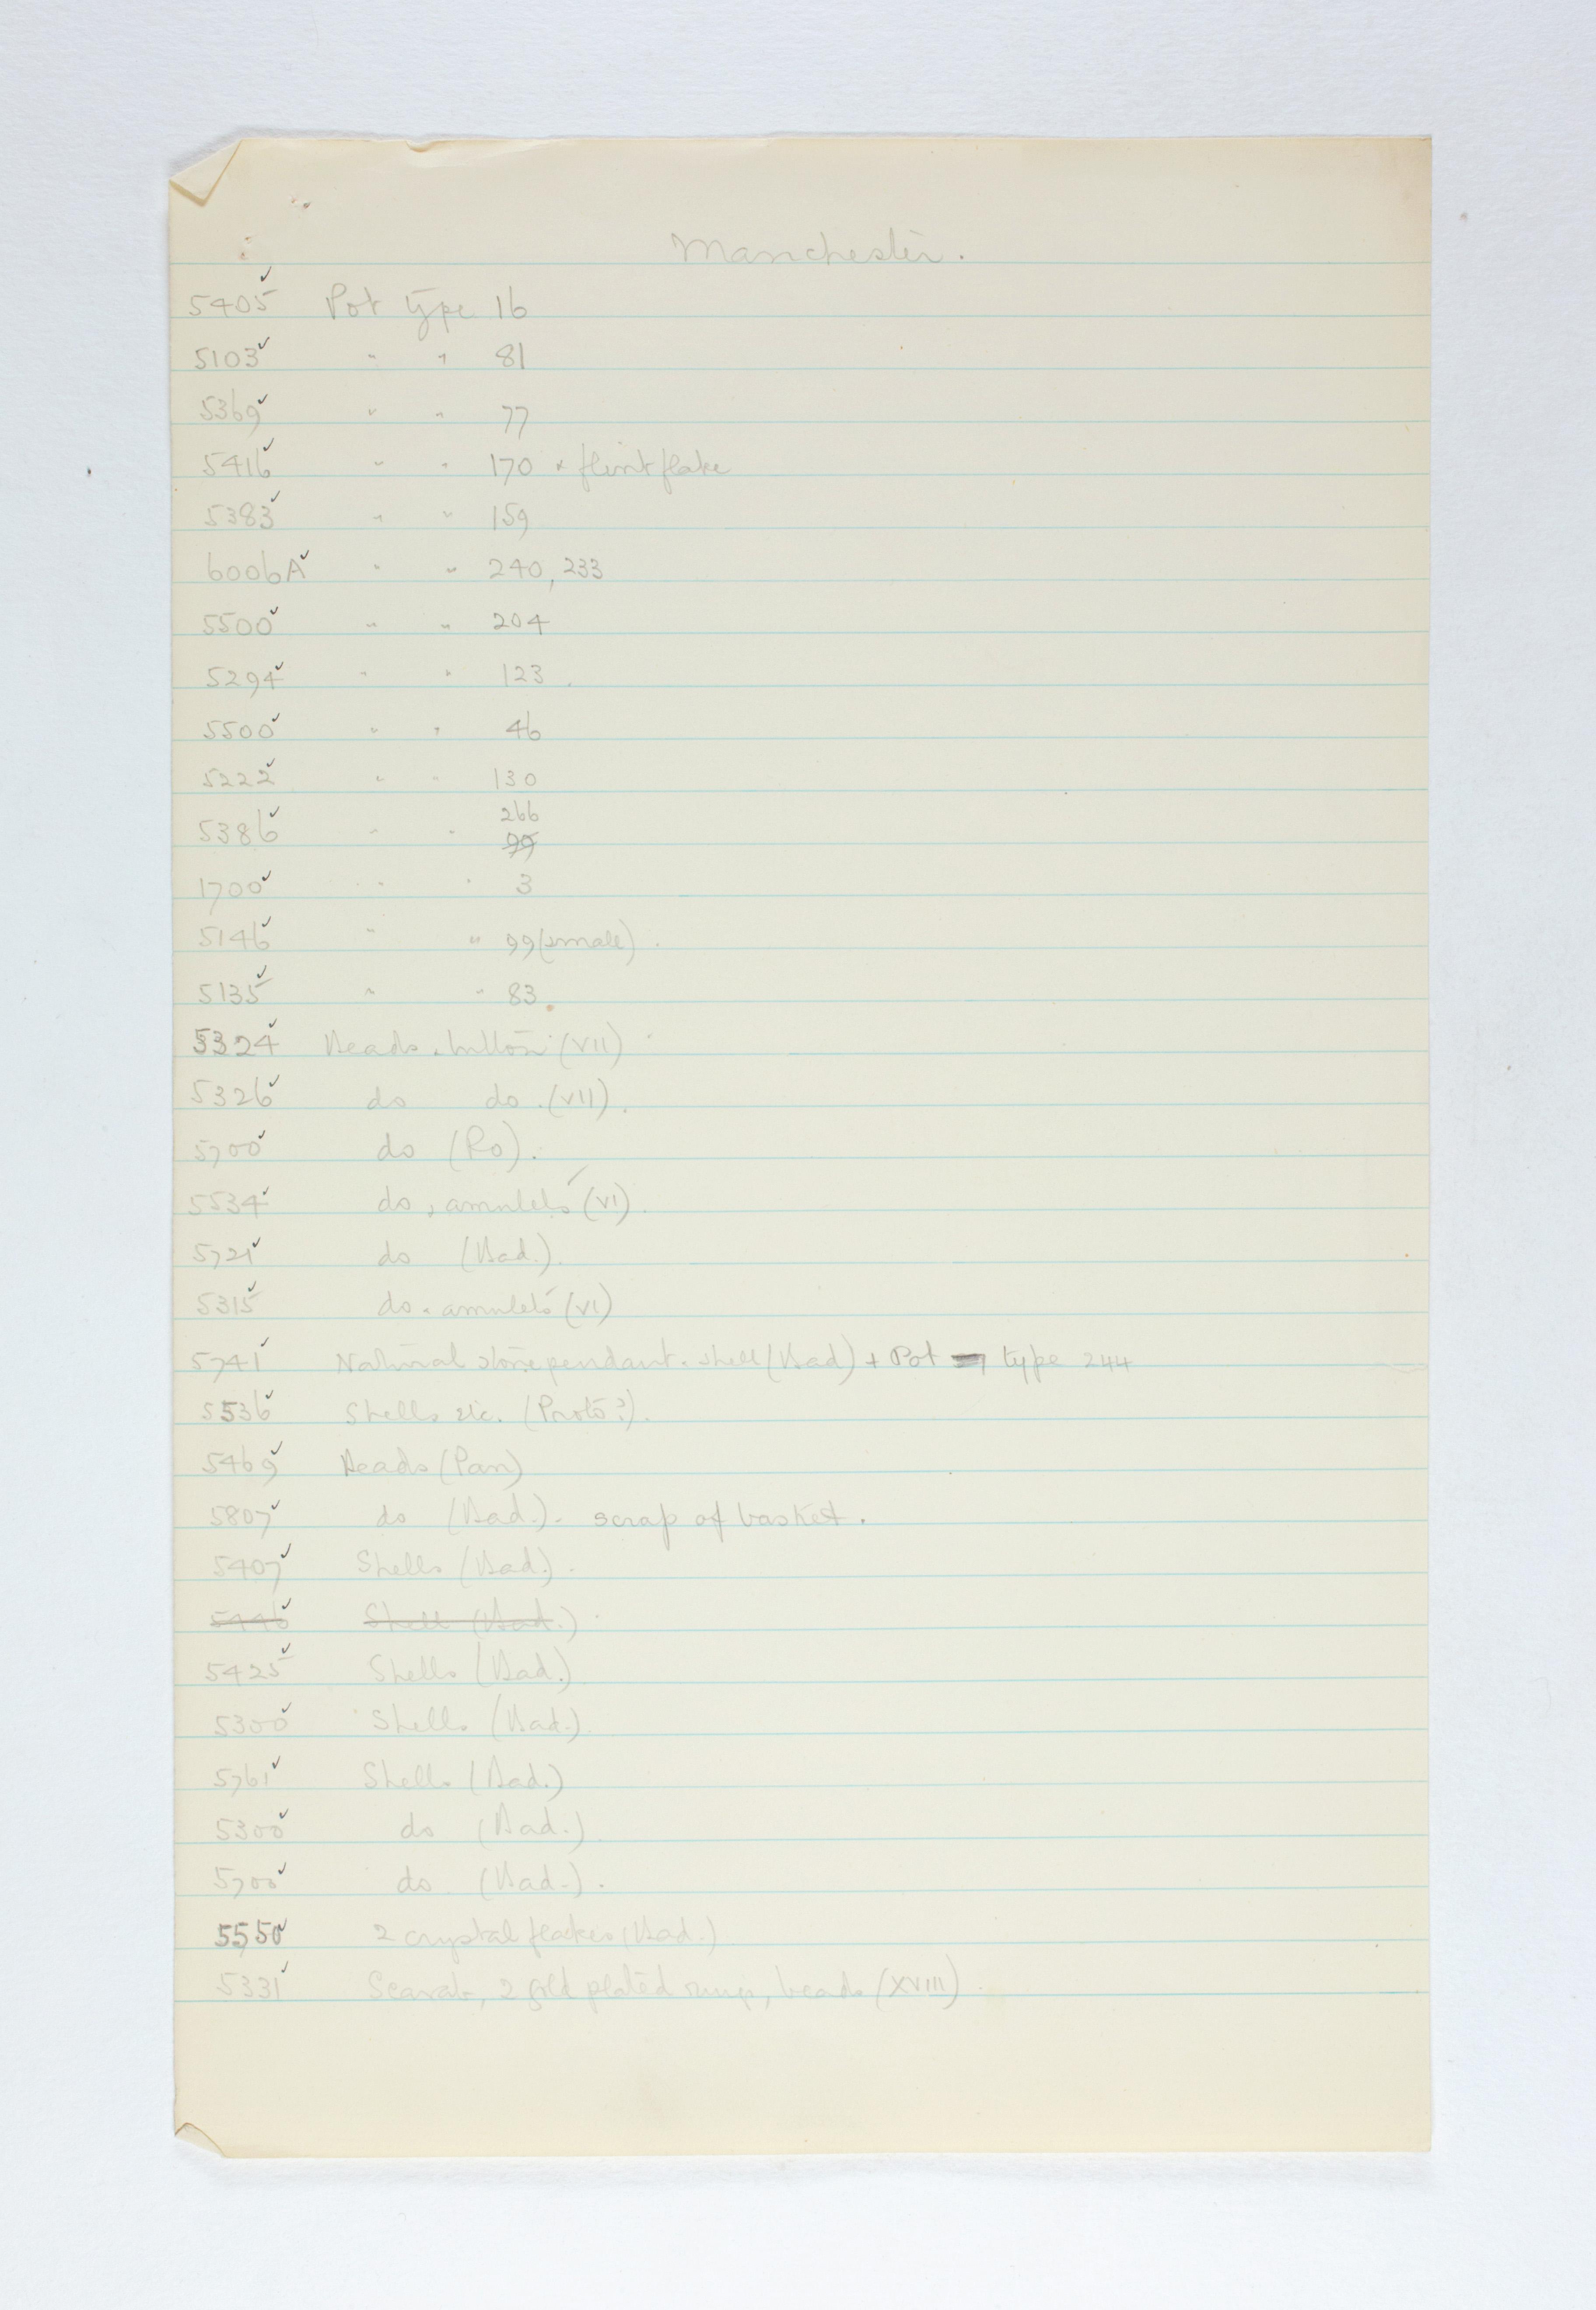 1924-25 Badari, Faiyum Individual institution list PMA/WFP1/D/28/15.1